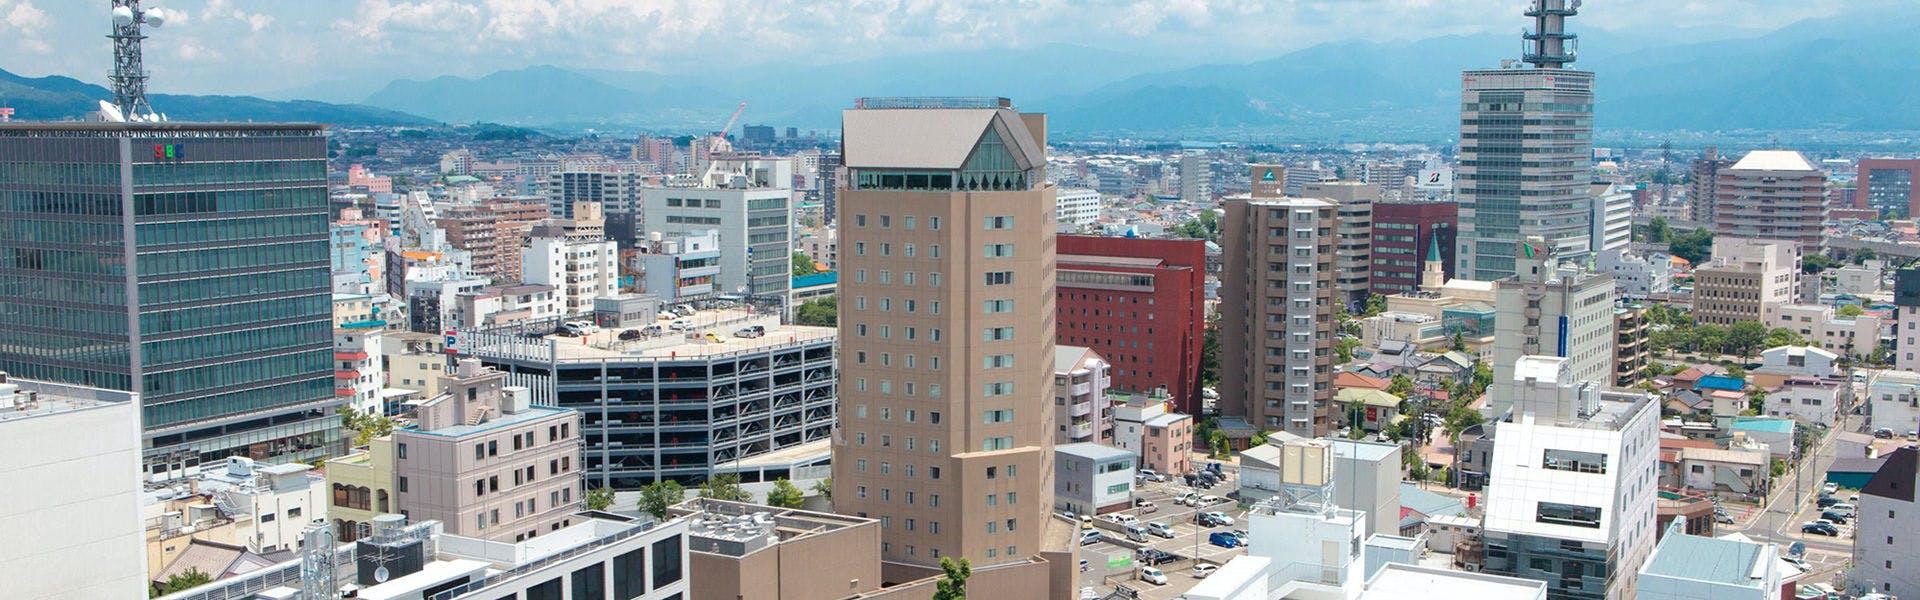 長野市のおすすめビジネスホテル 11選 宿泊予約は [一休.com]